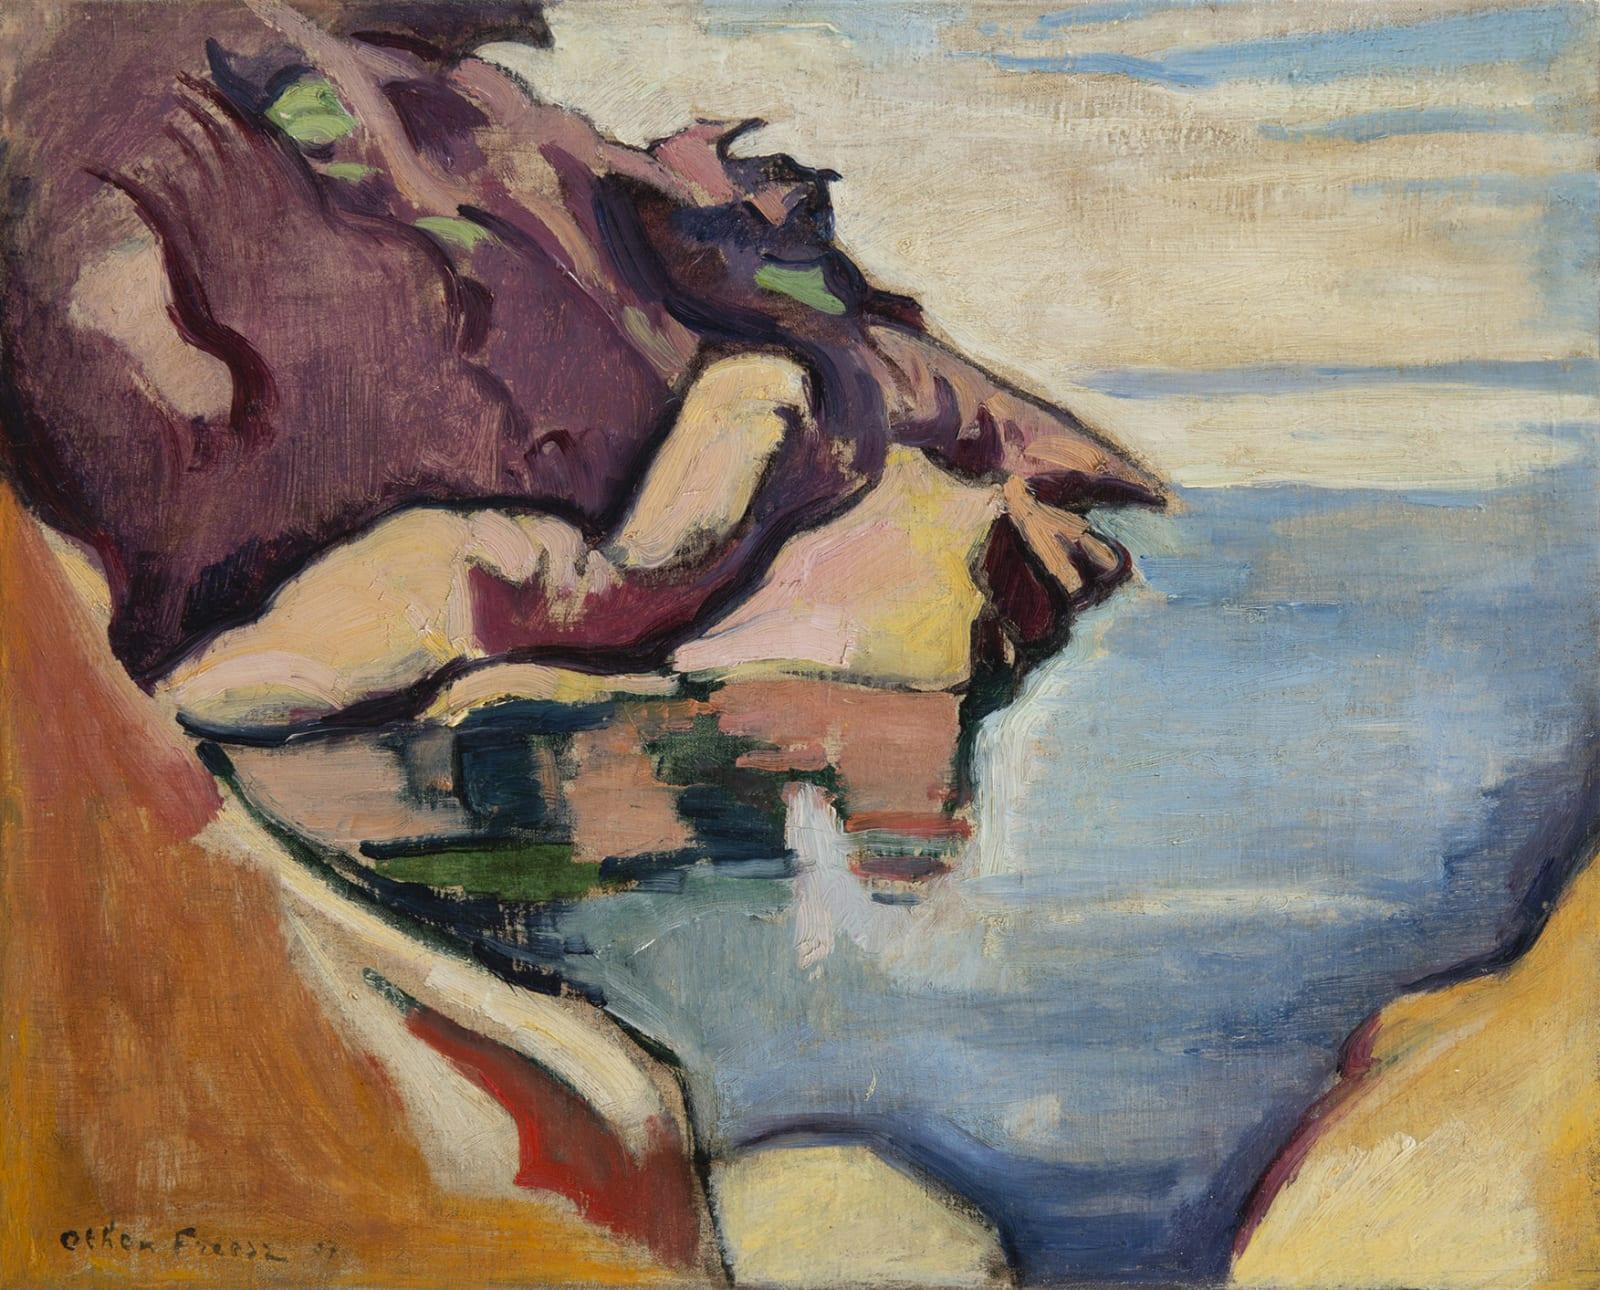 EMILE OTHON FRIESZ, La Baie du Bec de l'aigle, La Ciotat, 1907